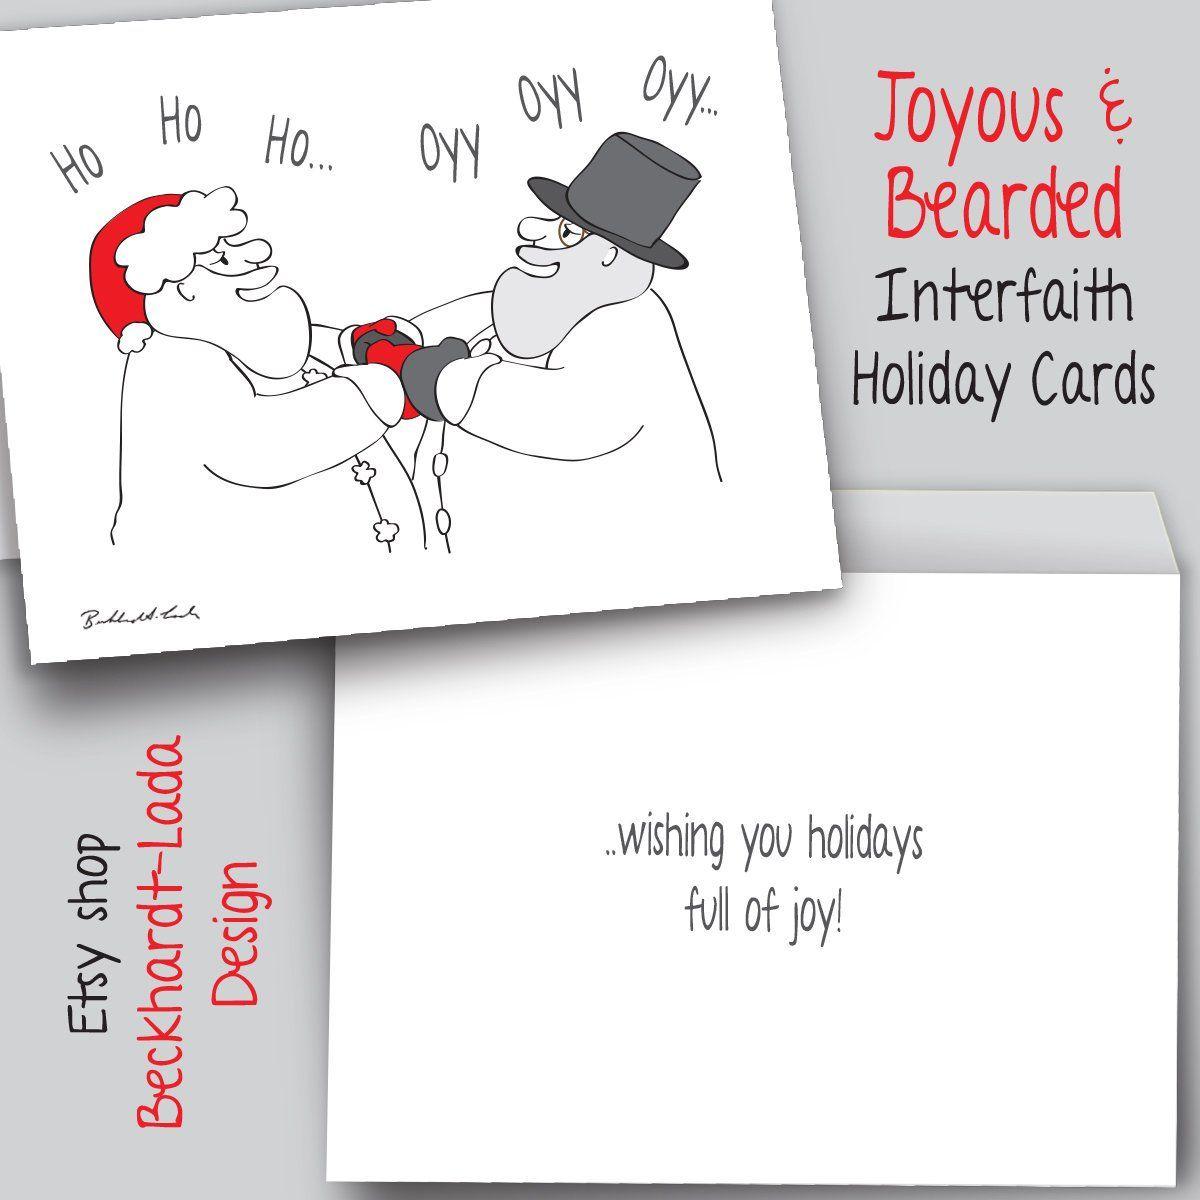 Ho Ho Oyy Oyy 8 Card Pack, FREE SHIPPING, Interfaith